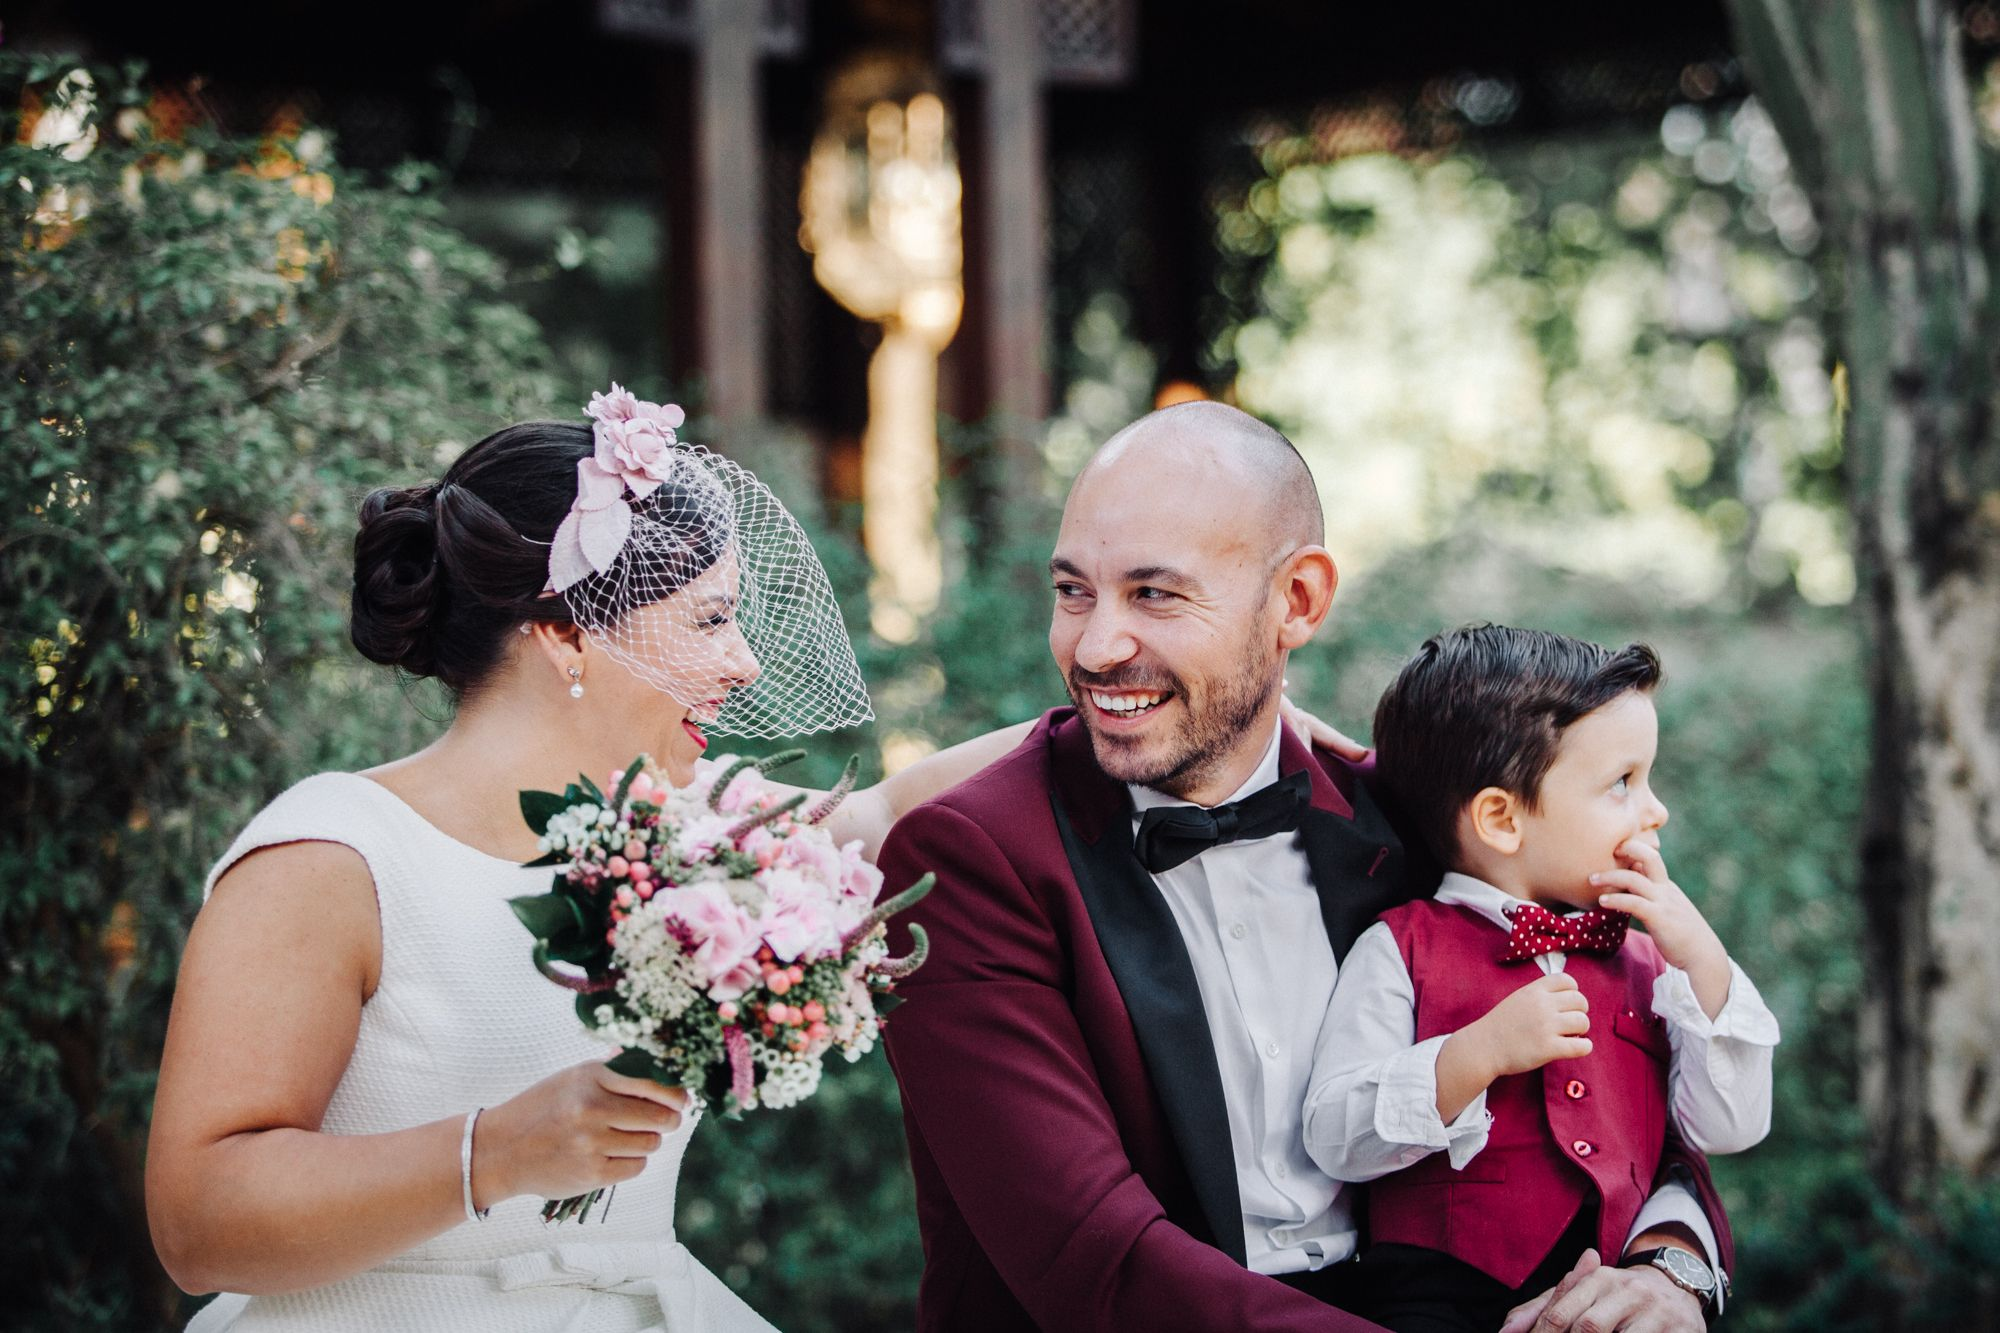 La boda de Amanda y Jorge en Villa Luisa 26